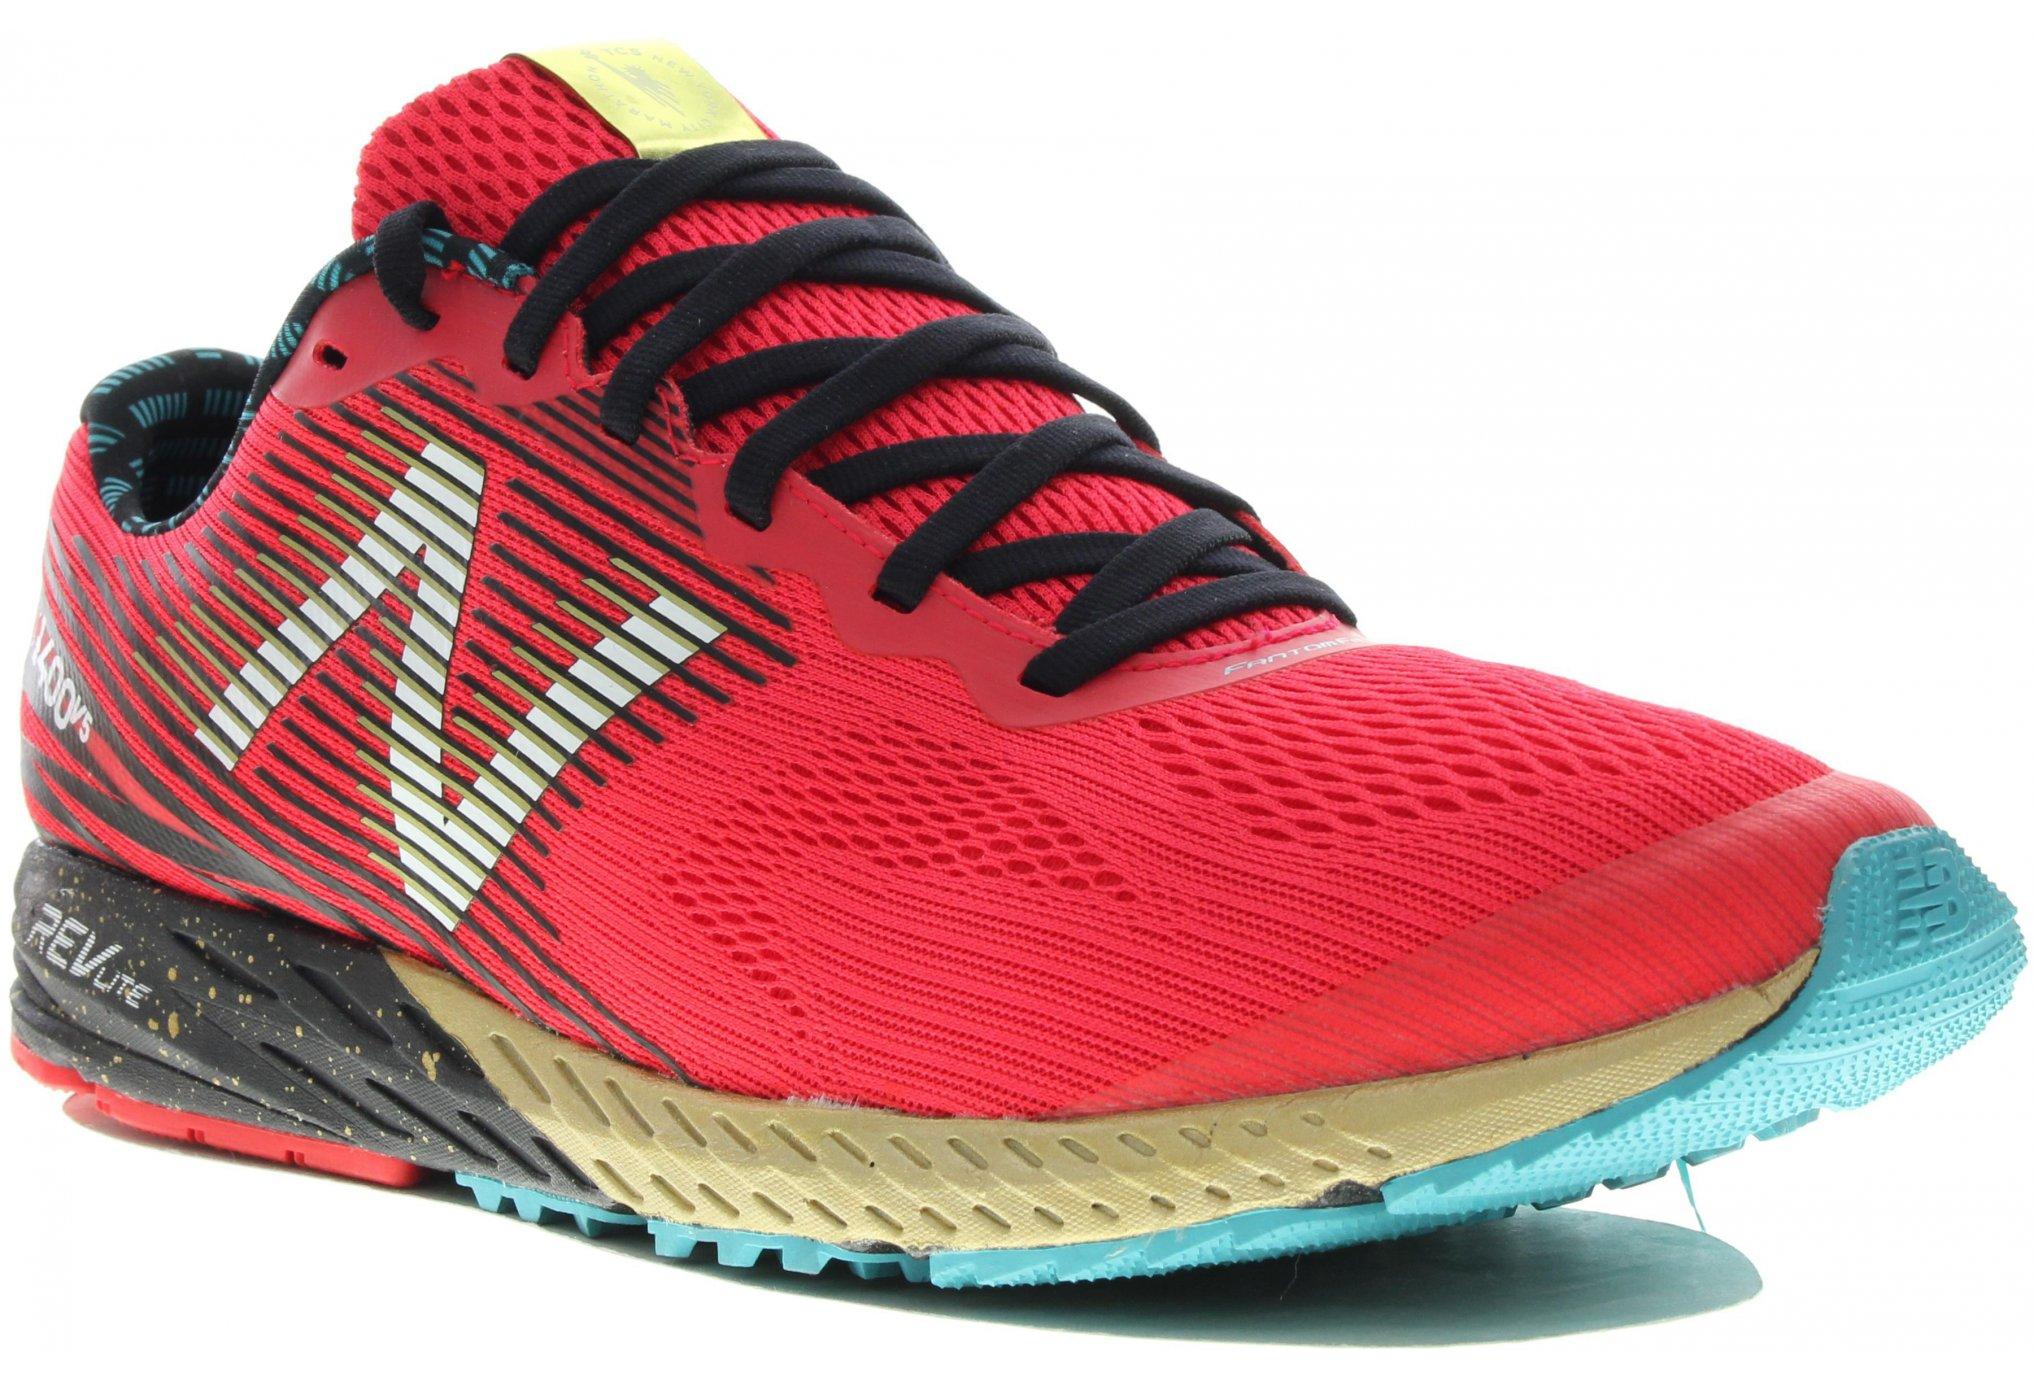 New Balance M1400 V5 Diététique Chaussures homme